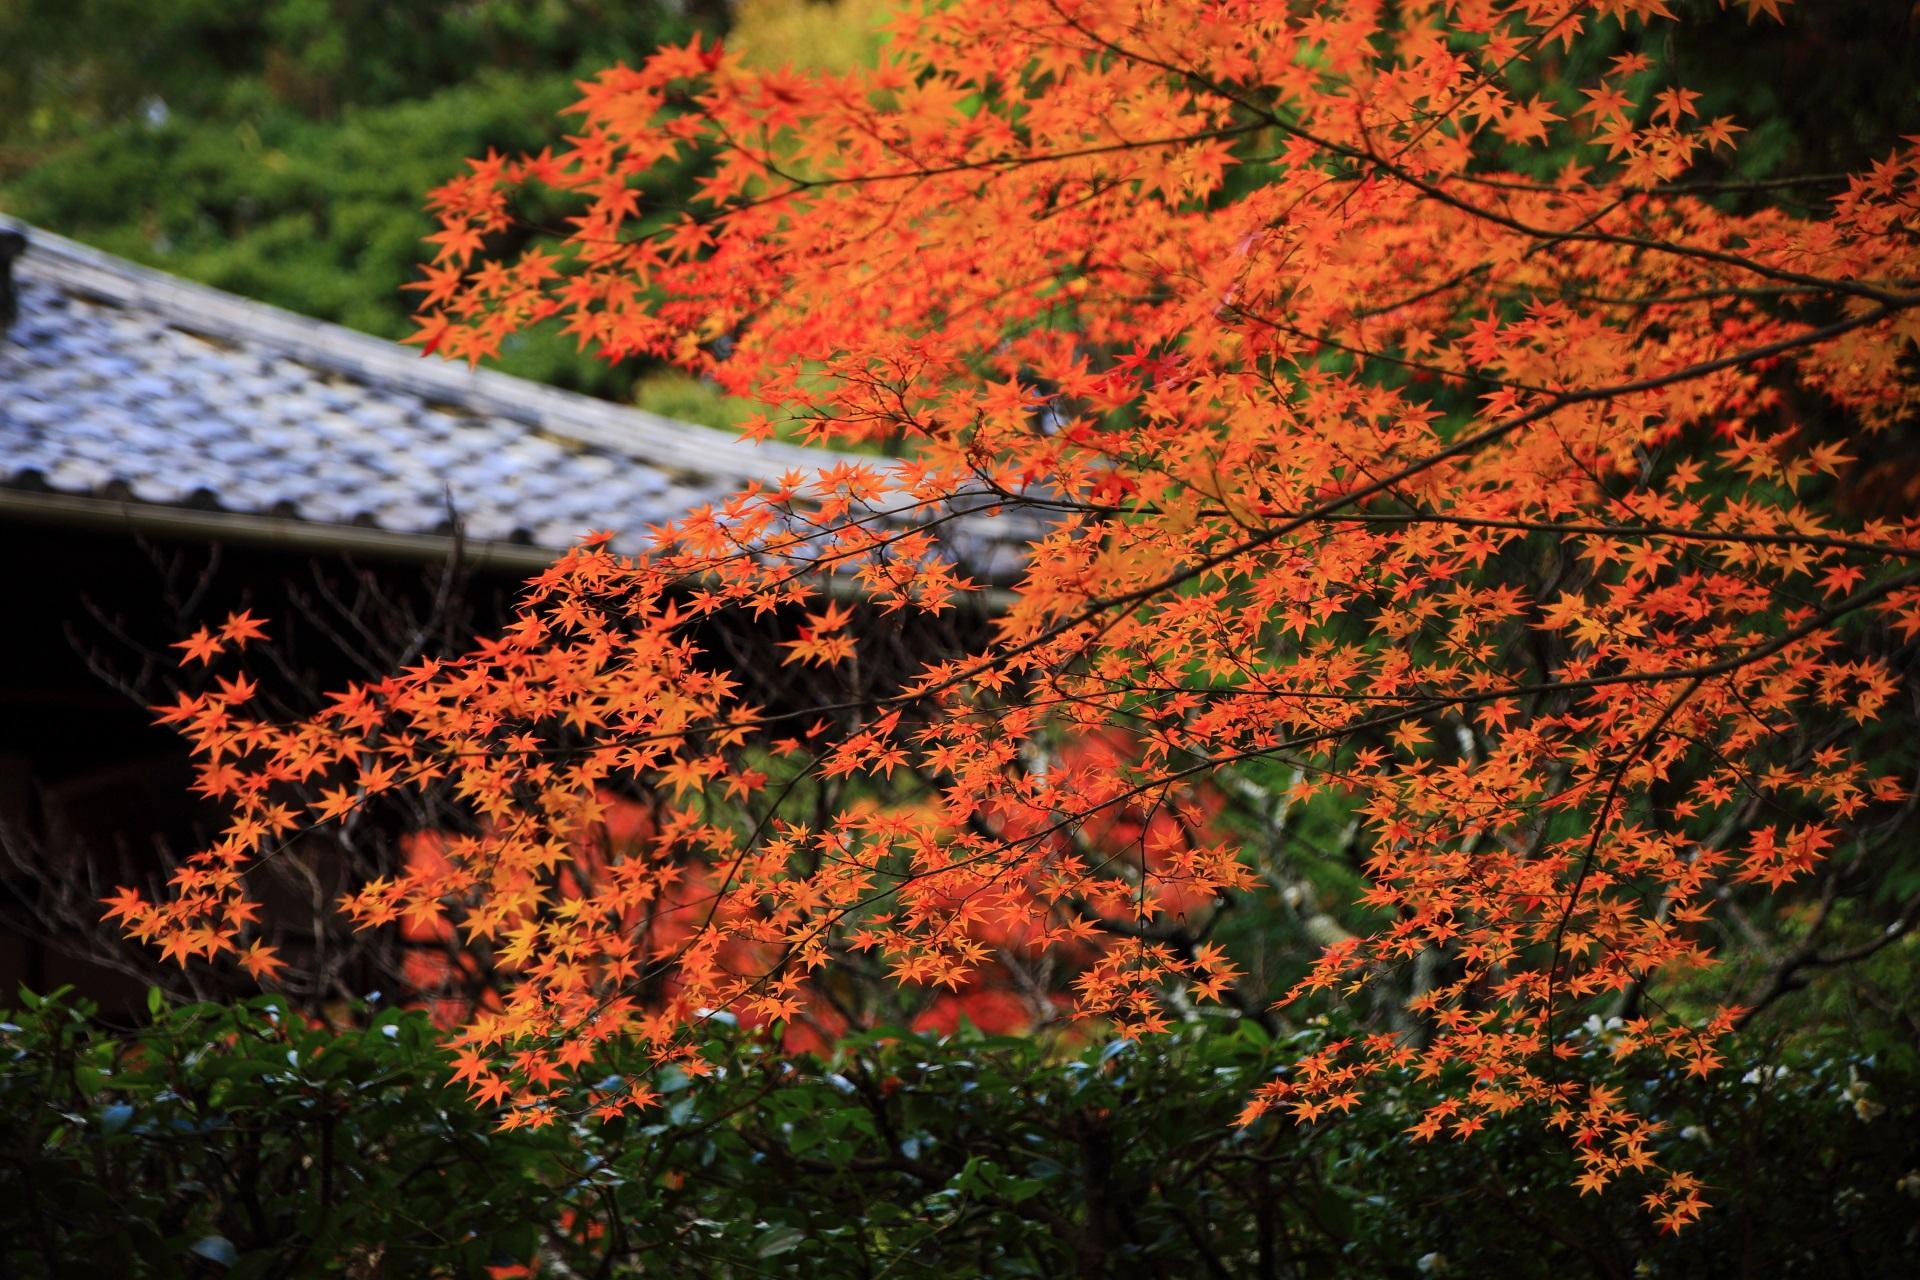 桂春院の秋を彩る見事なオレンジ色の紅葉